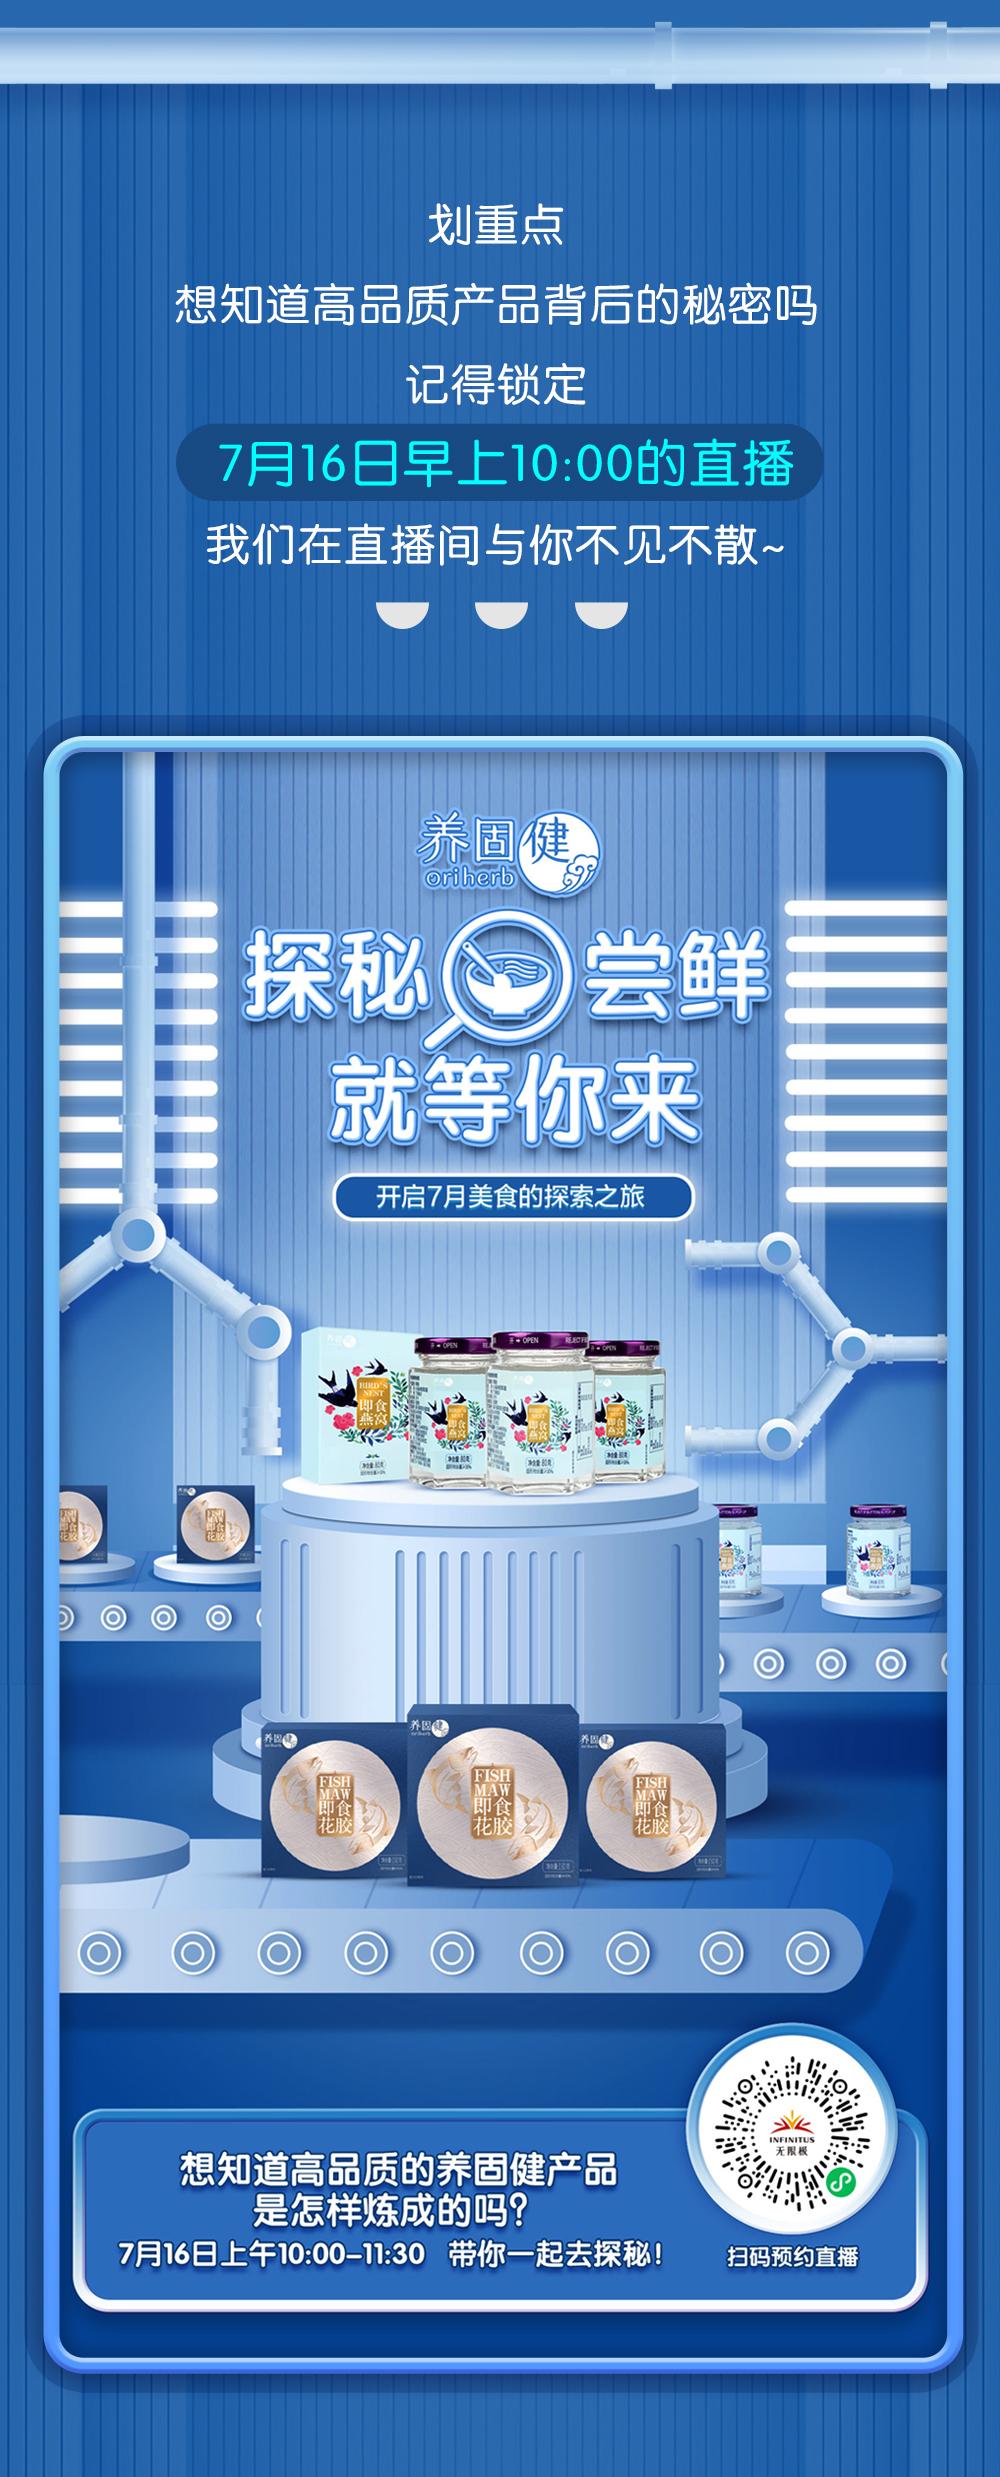 7月欢聚周主题促销直播预告推文_08